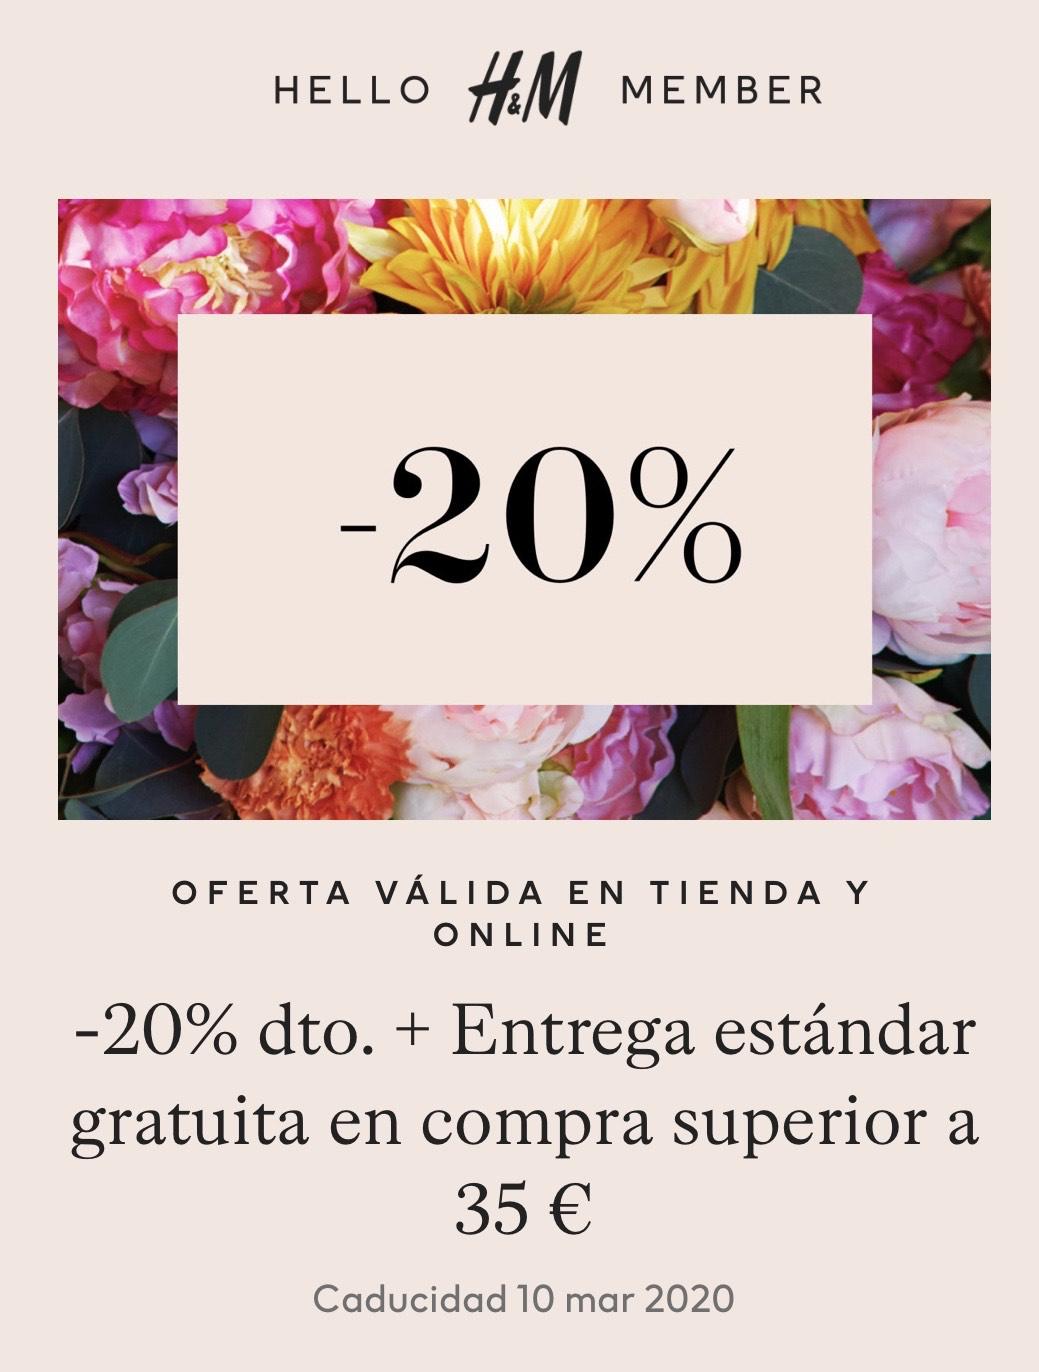 -20% dto en HM en compras de 35€ o mas (Solo Miembros)